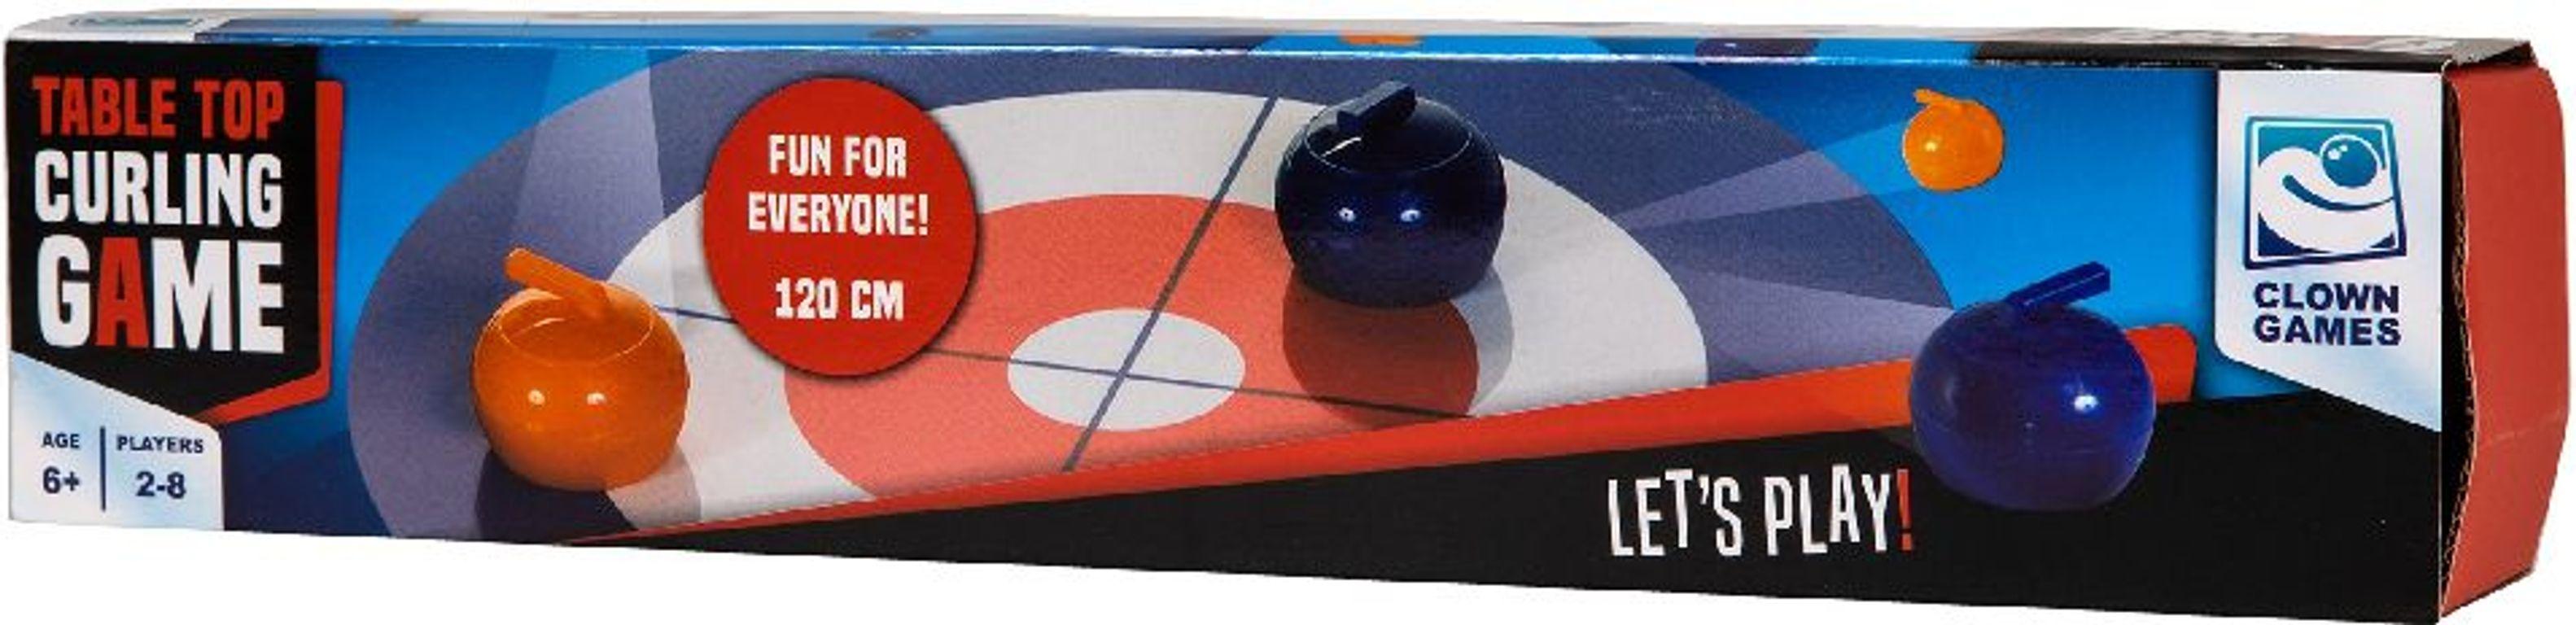 Tafel Curling